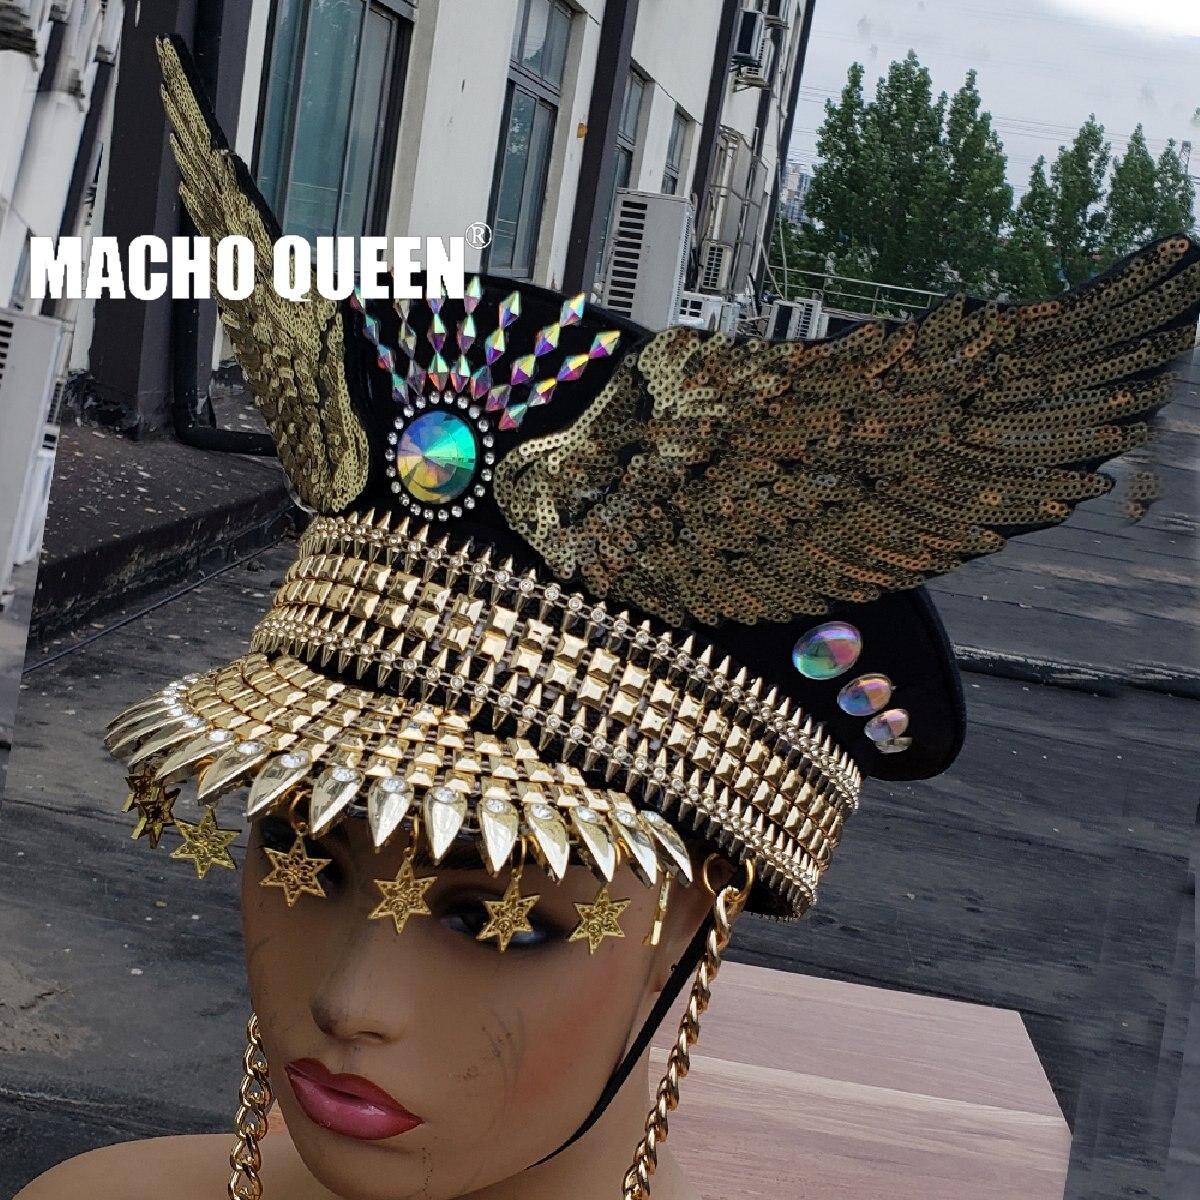 ملابس حفلات موسيقية ثلاثية الأبعاد للصيف ، ملابس خروج ، ملابس خروج ، ملابس بتصميم الملكة الدي جي جوجو ، قبعة راقصة ، قبعات عسكرية